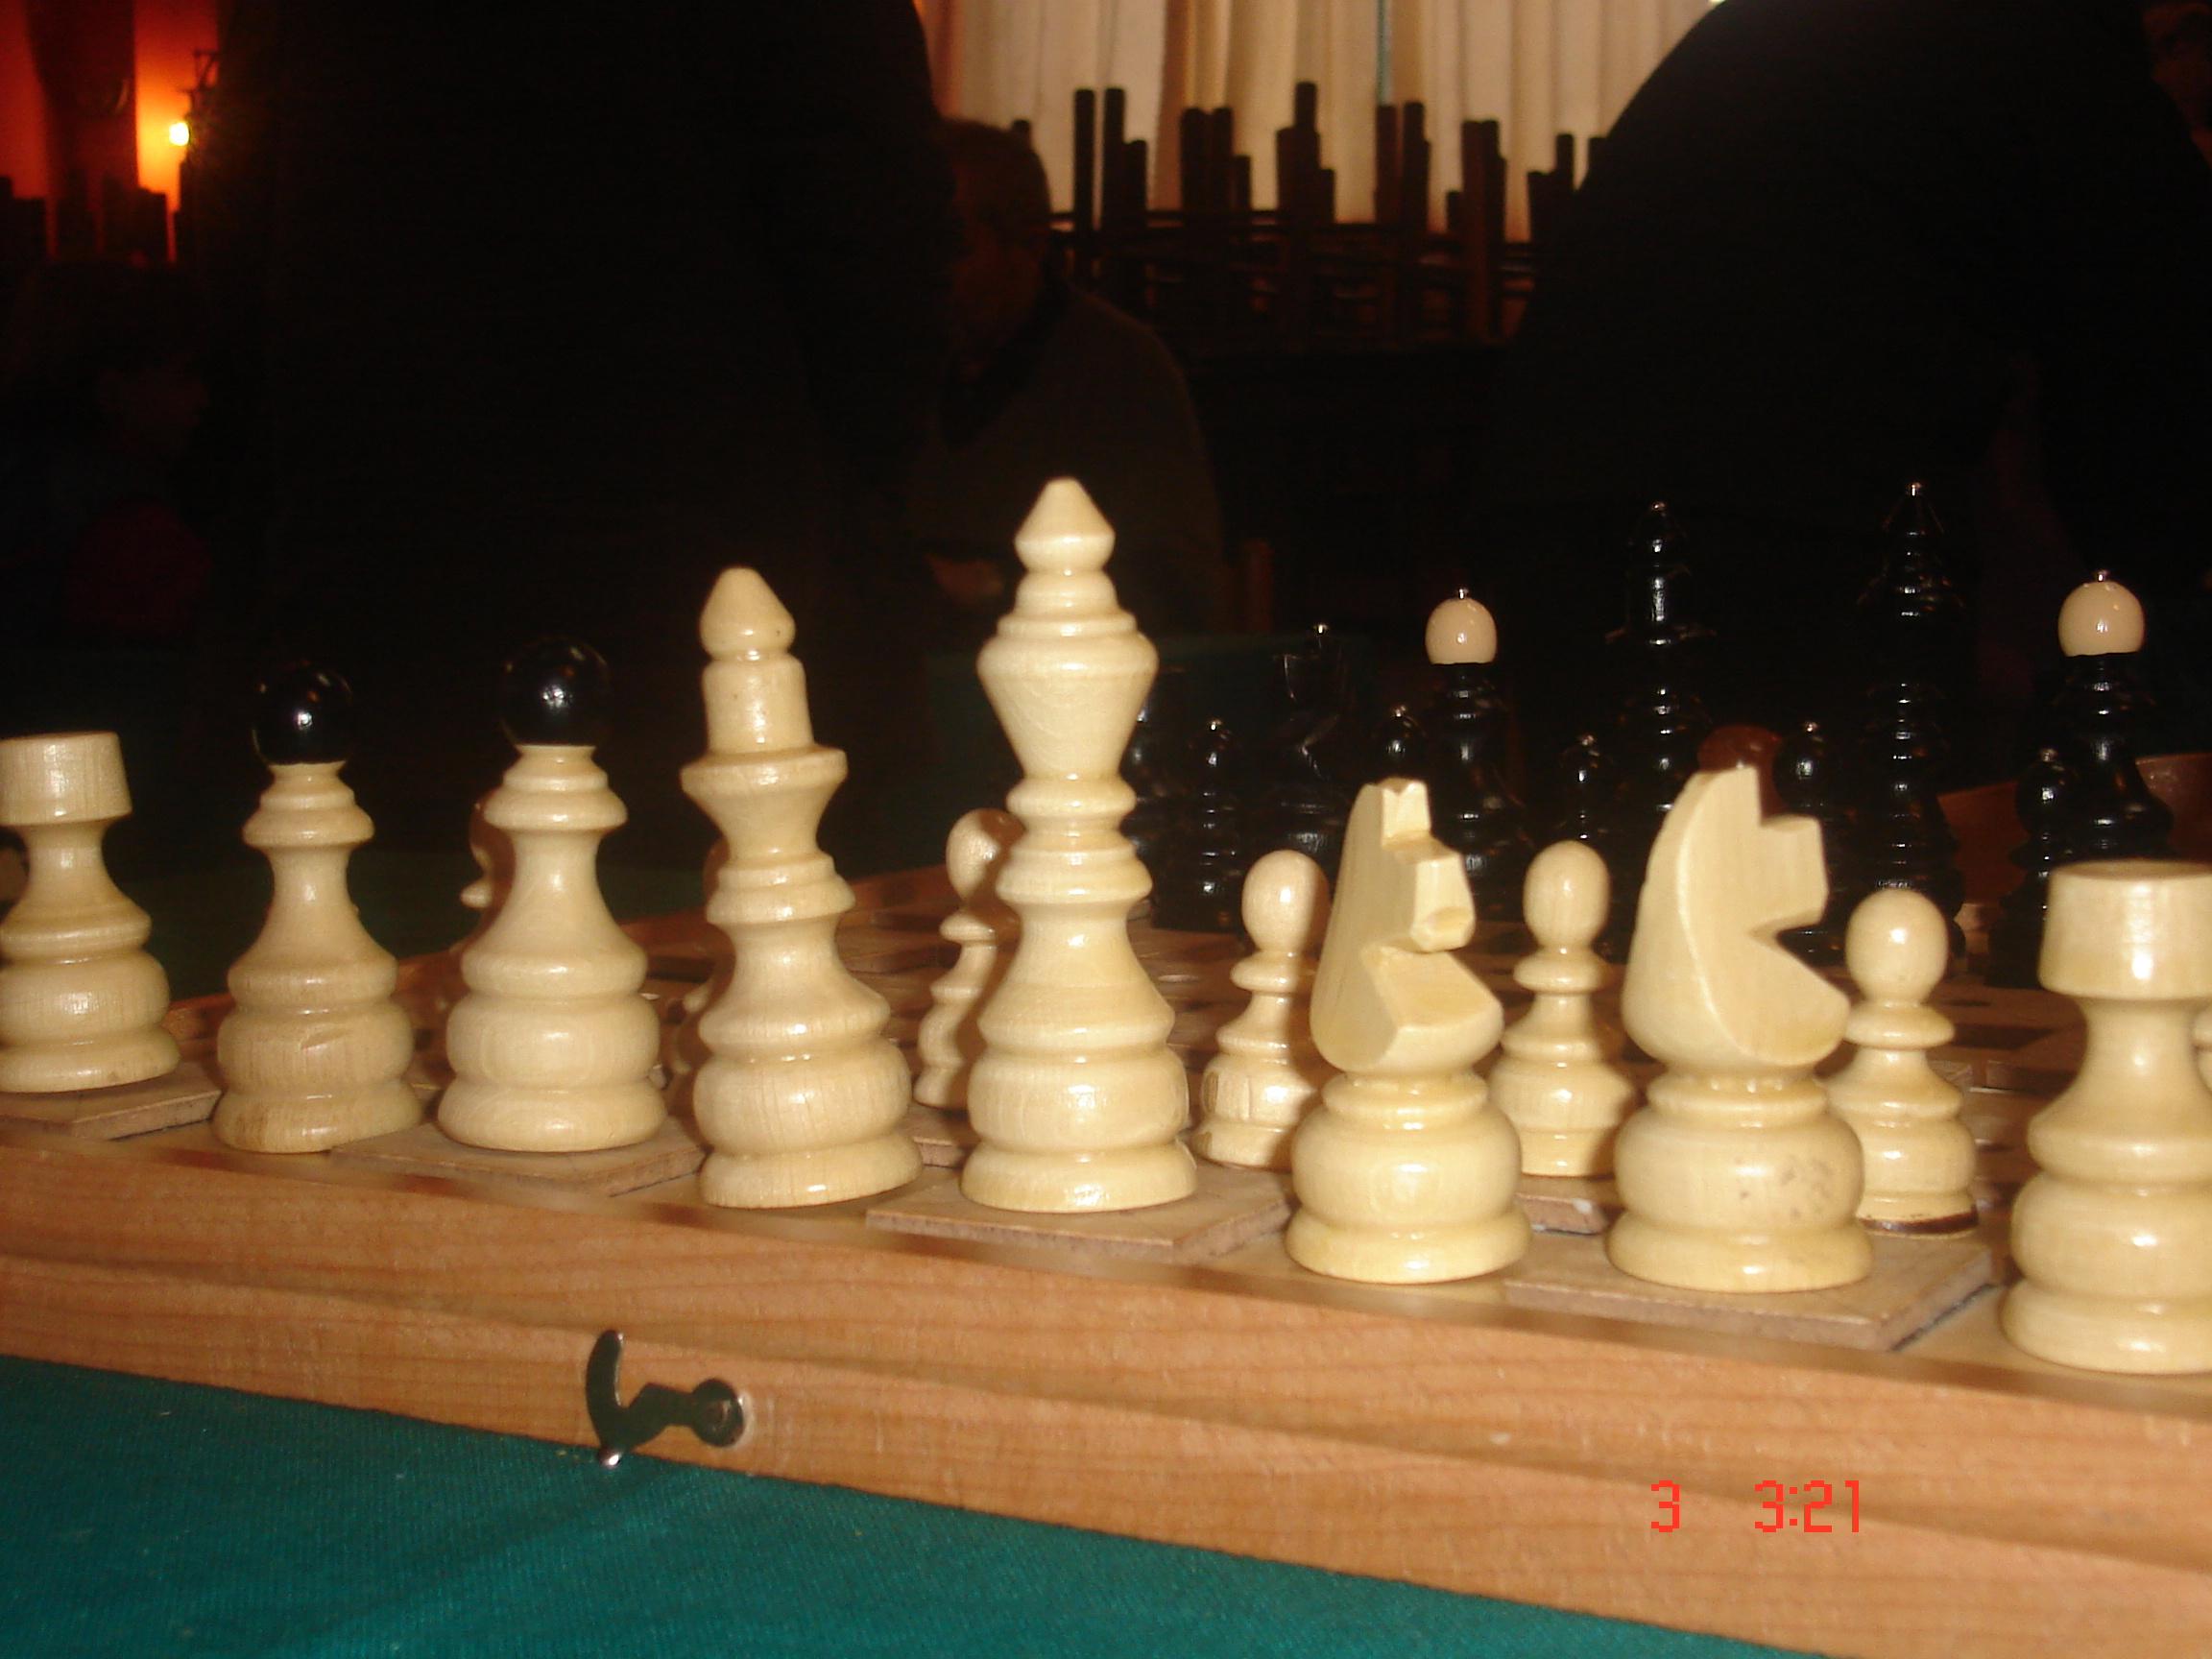 Kampionati i 8-te i shahut per te verber foto 8